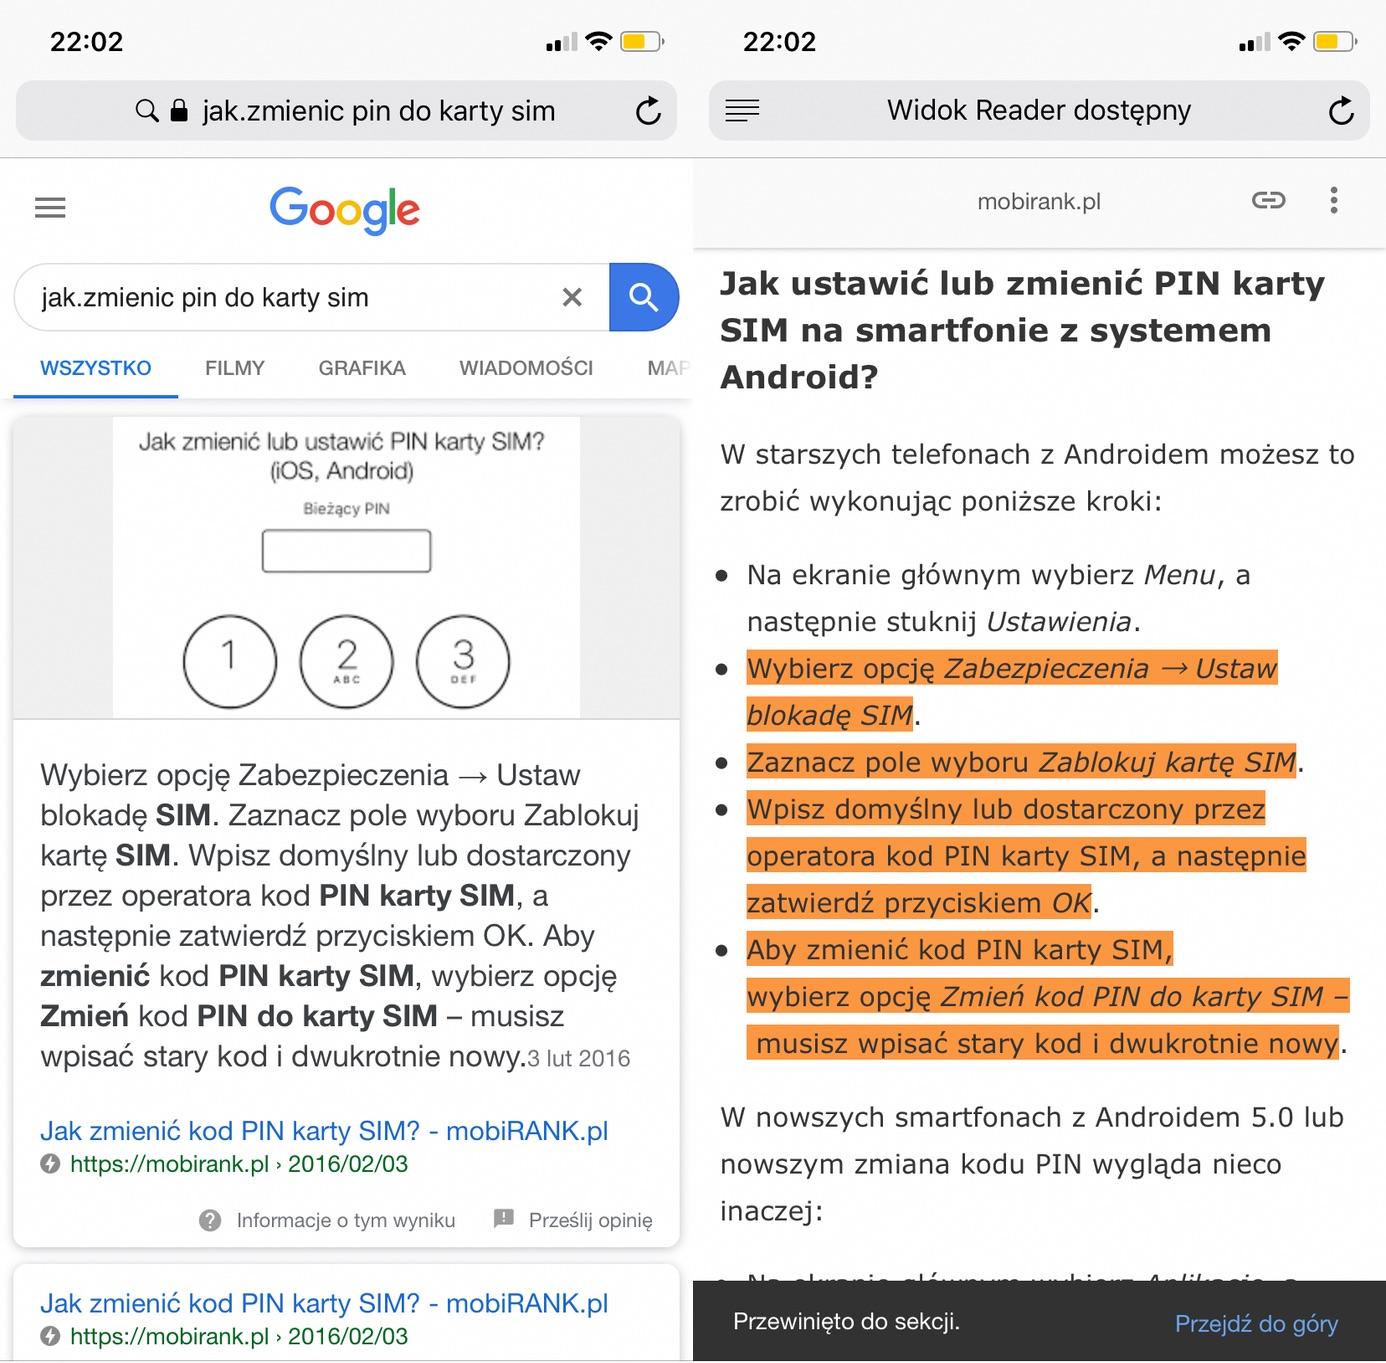 Fragmenty stron AMP z odpowiedziami w wyszukiwarce Google (2)